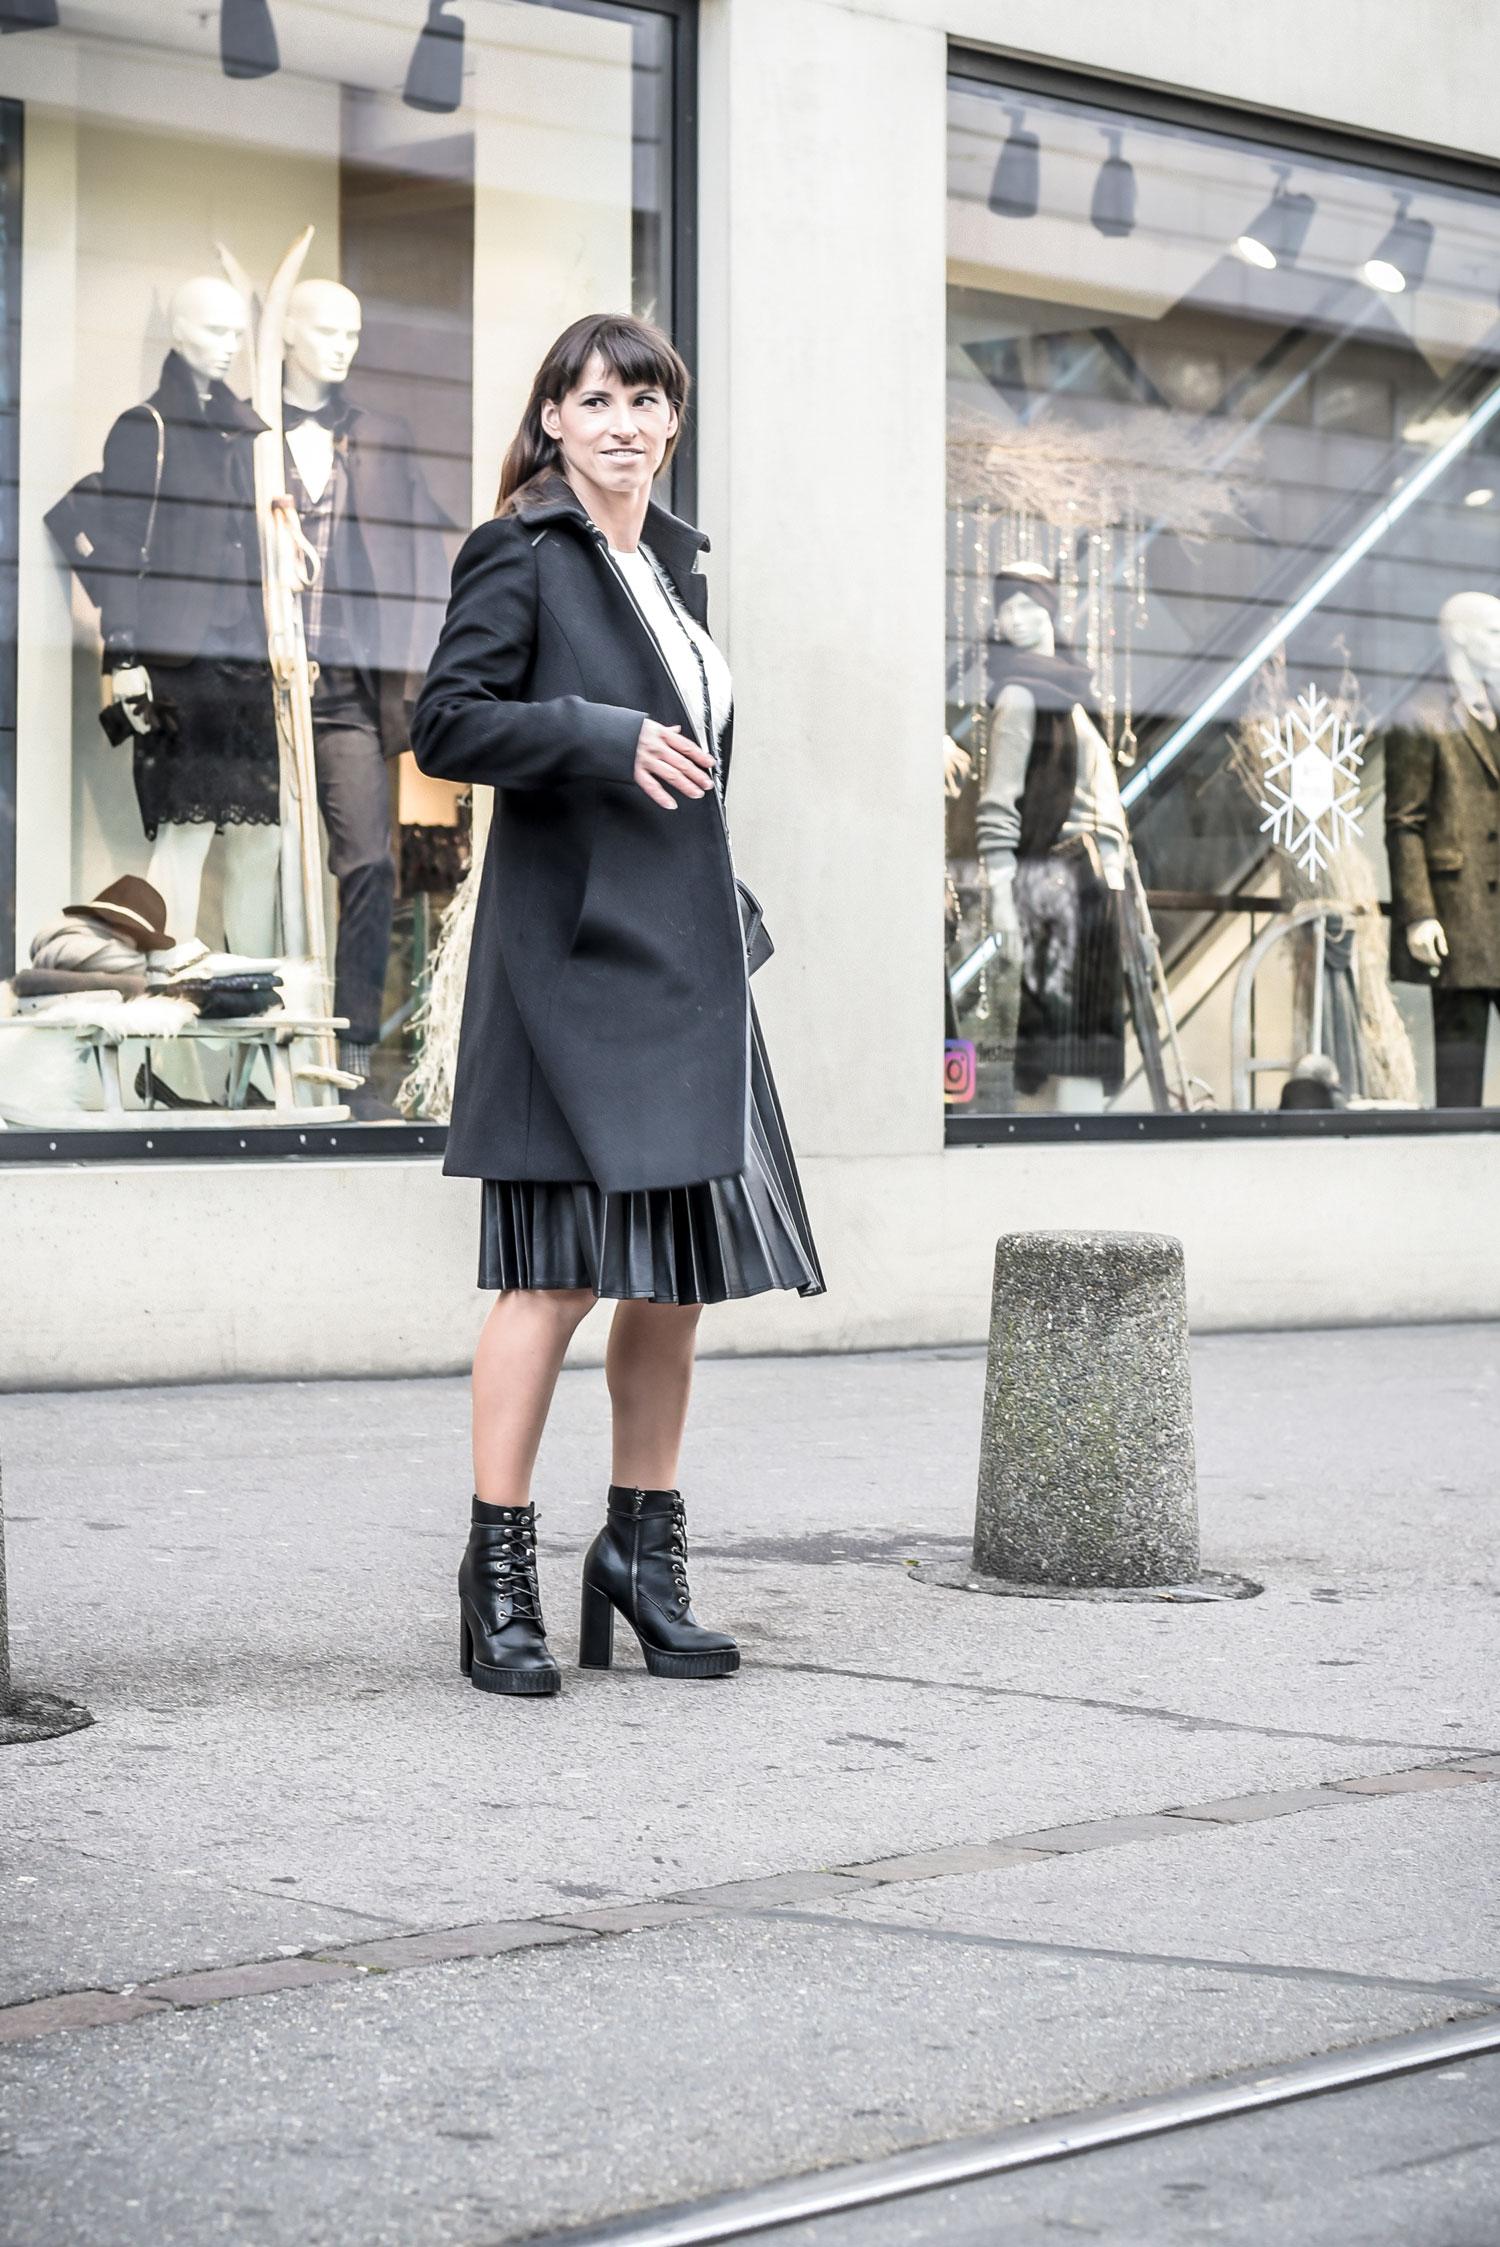 Plisseerock: Plisseerock aus Lederimitat von Reserved, weisser kuschelpullover von Guess, schwarze Stiefeletten von Guess, Camera-Bag von Karl Lagerfeld